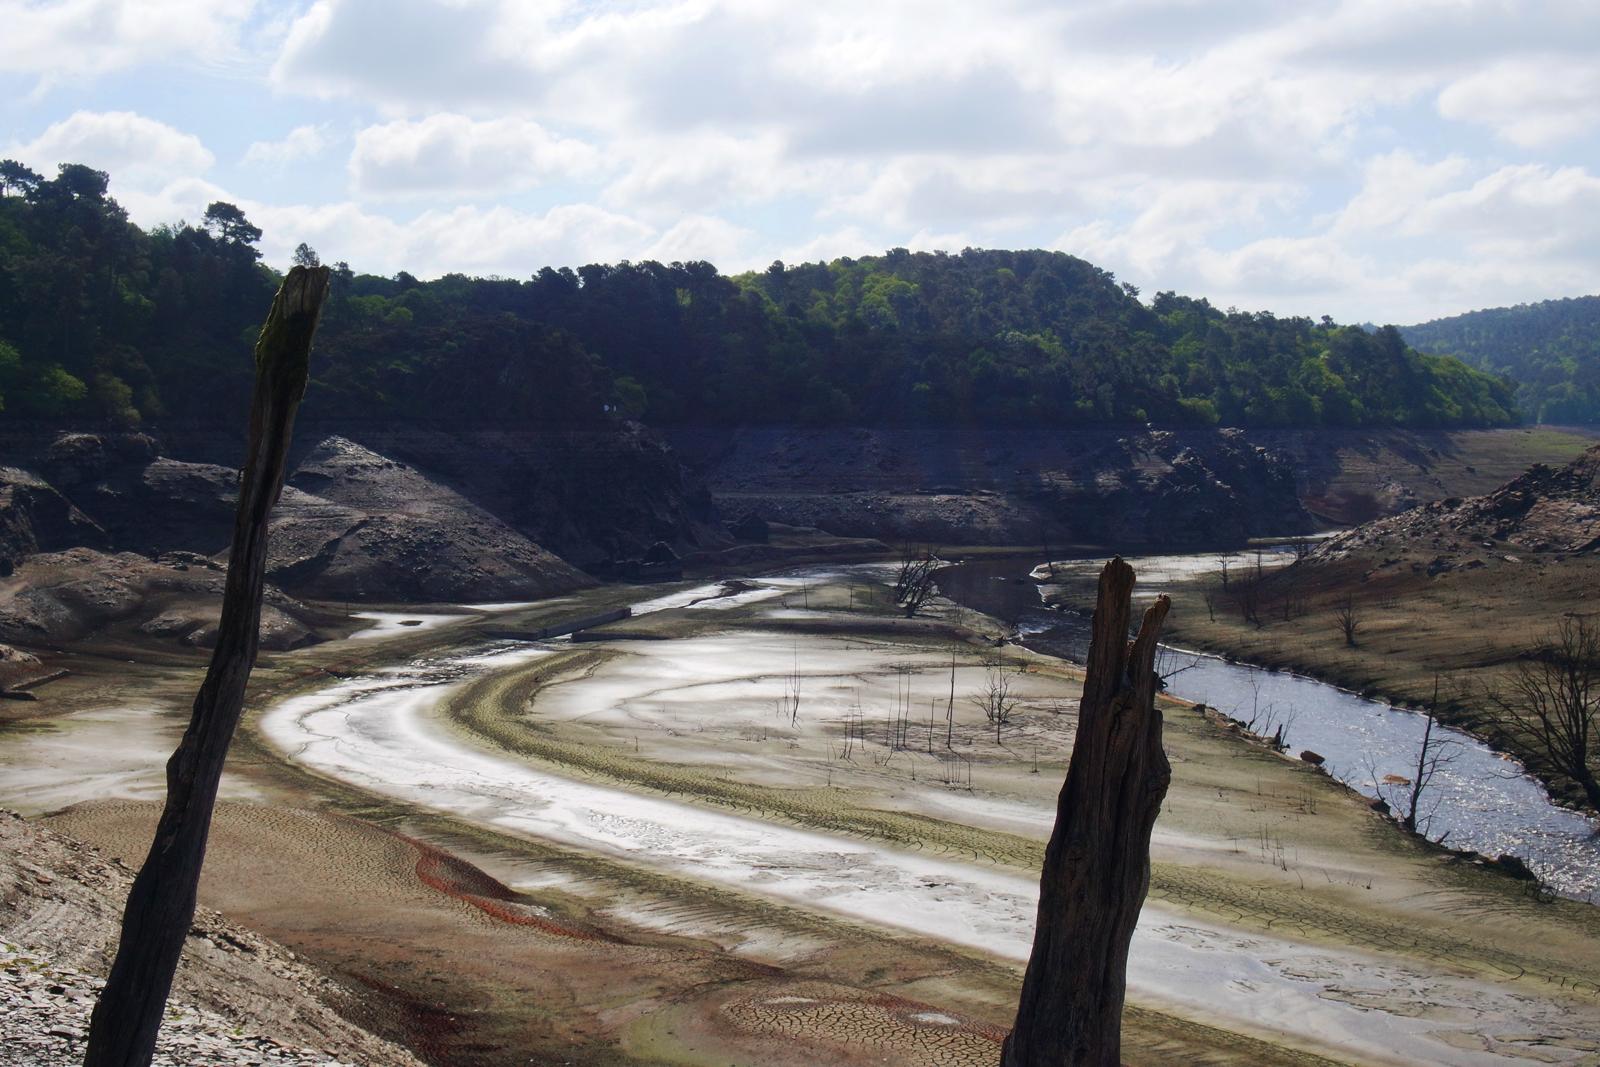 Lac-de-Guerledan-vidange-2015-barrage-vide-point-de-vue-panoramique-Trégnanton-écluse-Bretagne-tourisme-circuit-découverte-voyage-photo-by-blog-united-states-of-paris